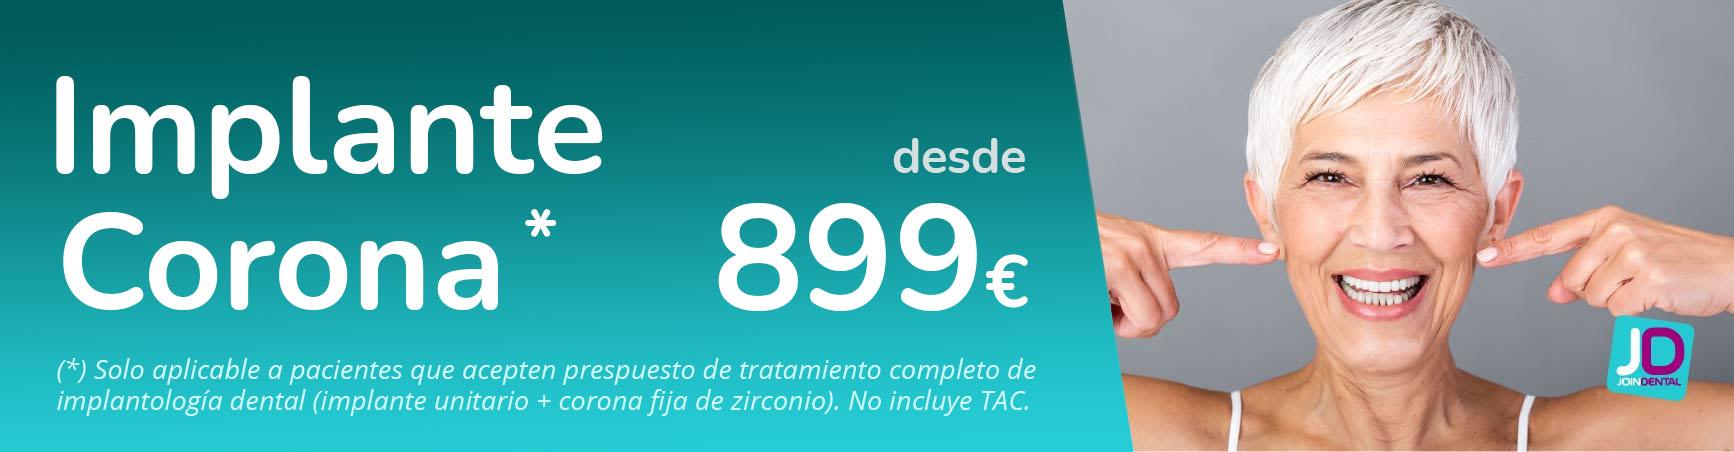 precio de implantes dentales en Oviedo. Dentista en Oviedo. Clinica dental en Oviedo